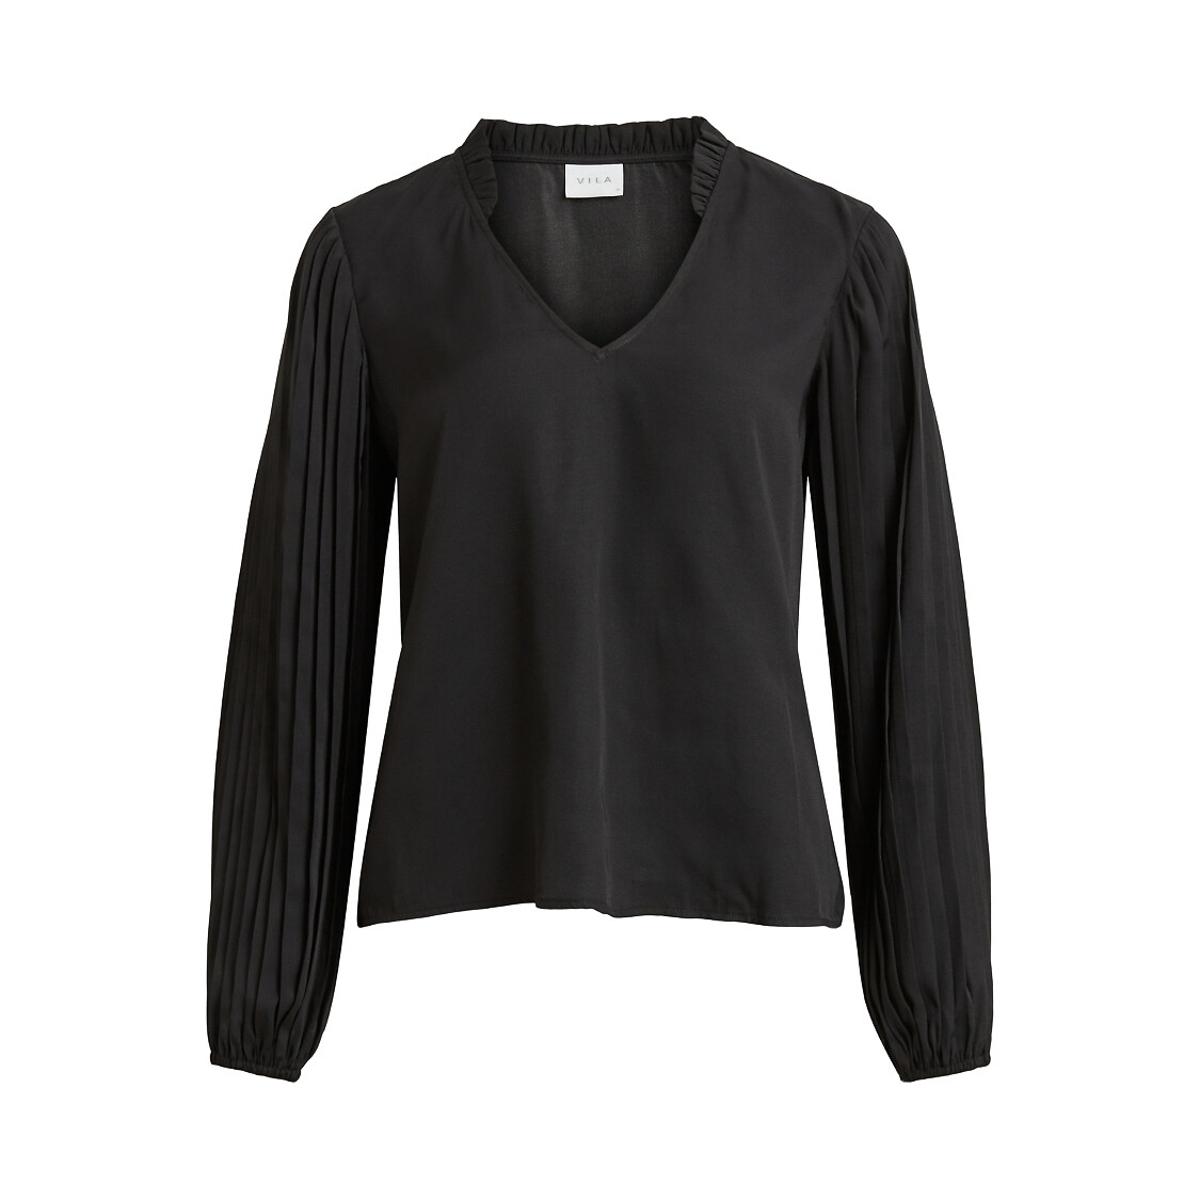 Фото - Блузка LaRedoute Струящаяся с V-образным вырезом 34 (FR) - 40 (RUS) черный блузка laredoute с принтом и v образным вырезом длинные рукава xs зеленый